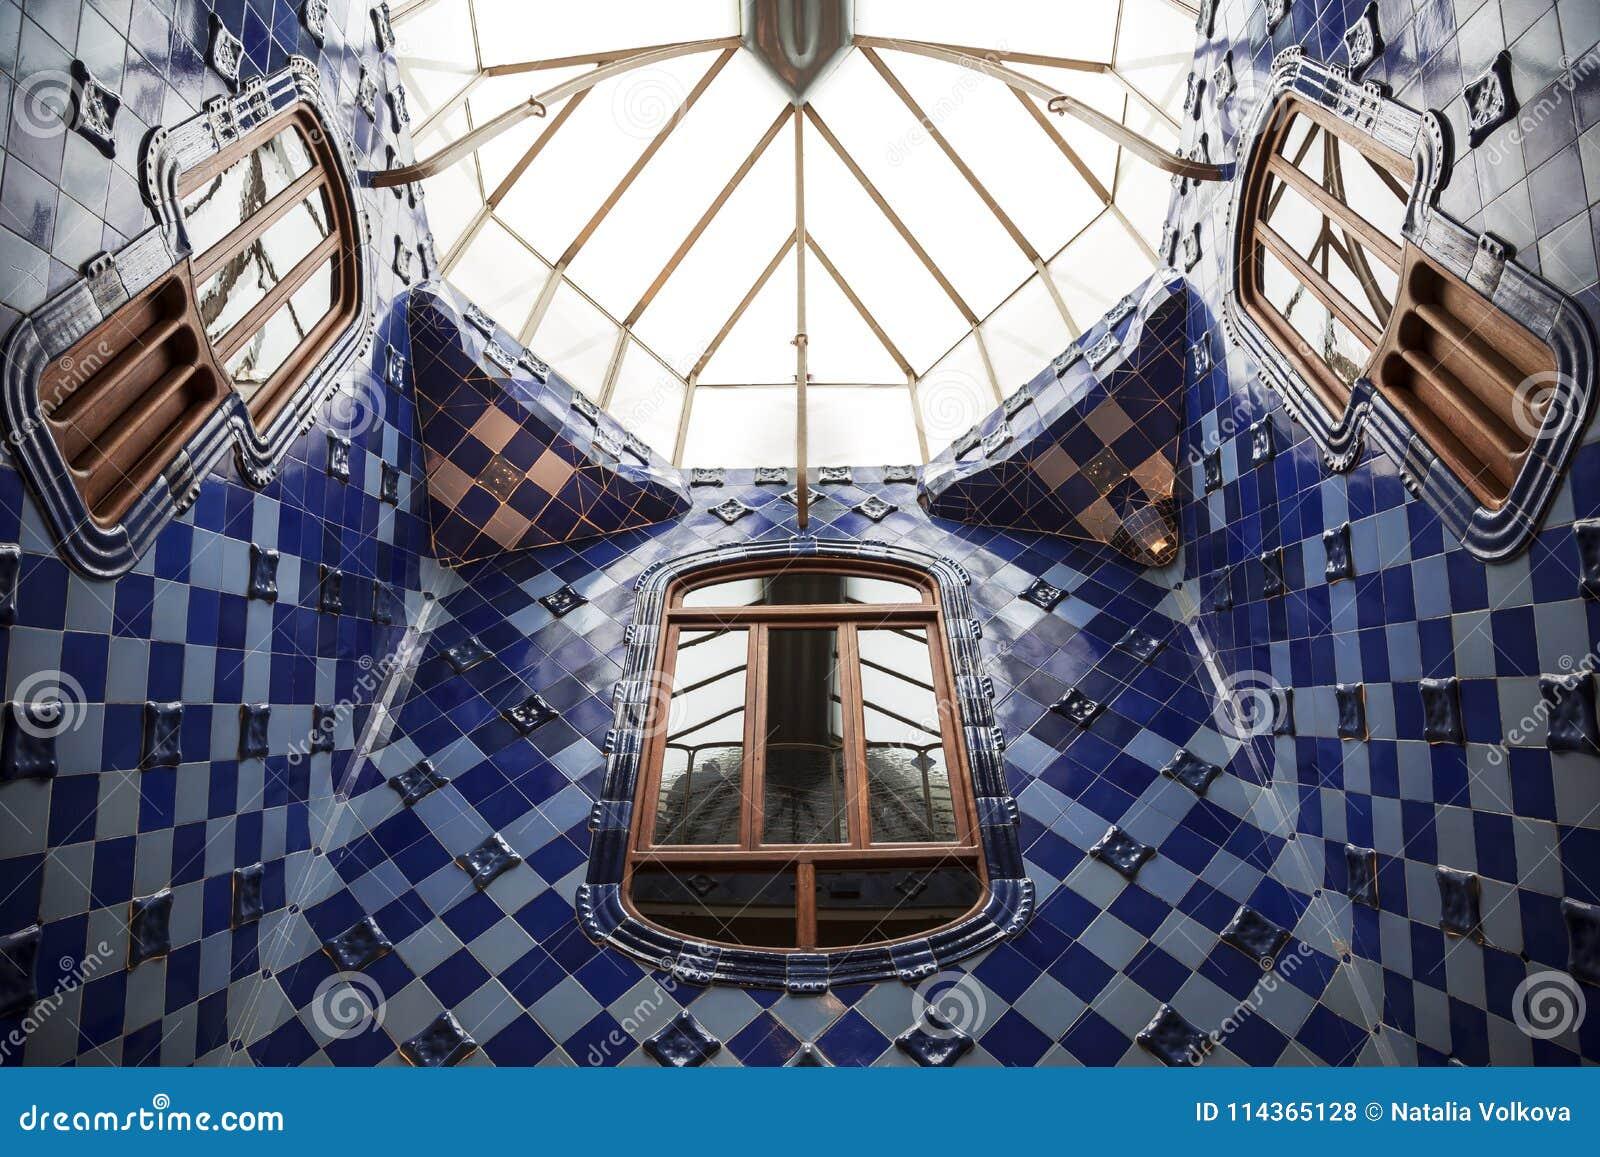 Interior Of The Courtyard Of The Casa Batllo In Barcelona